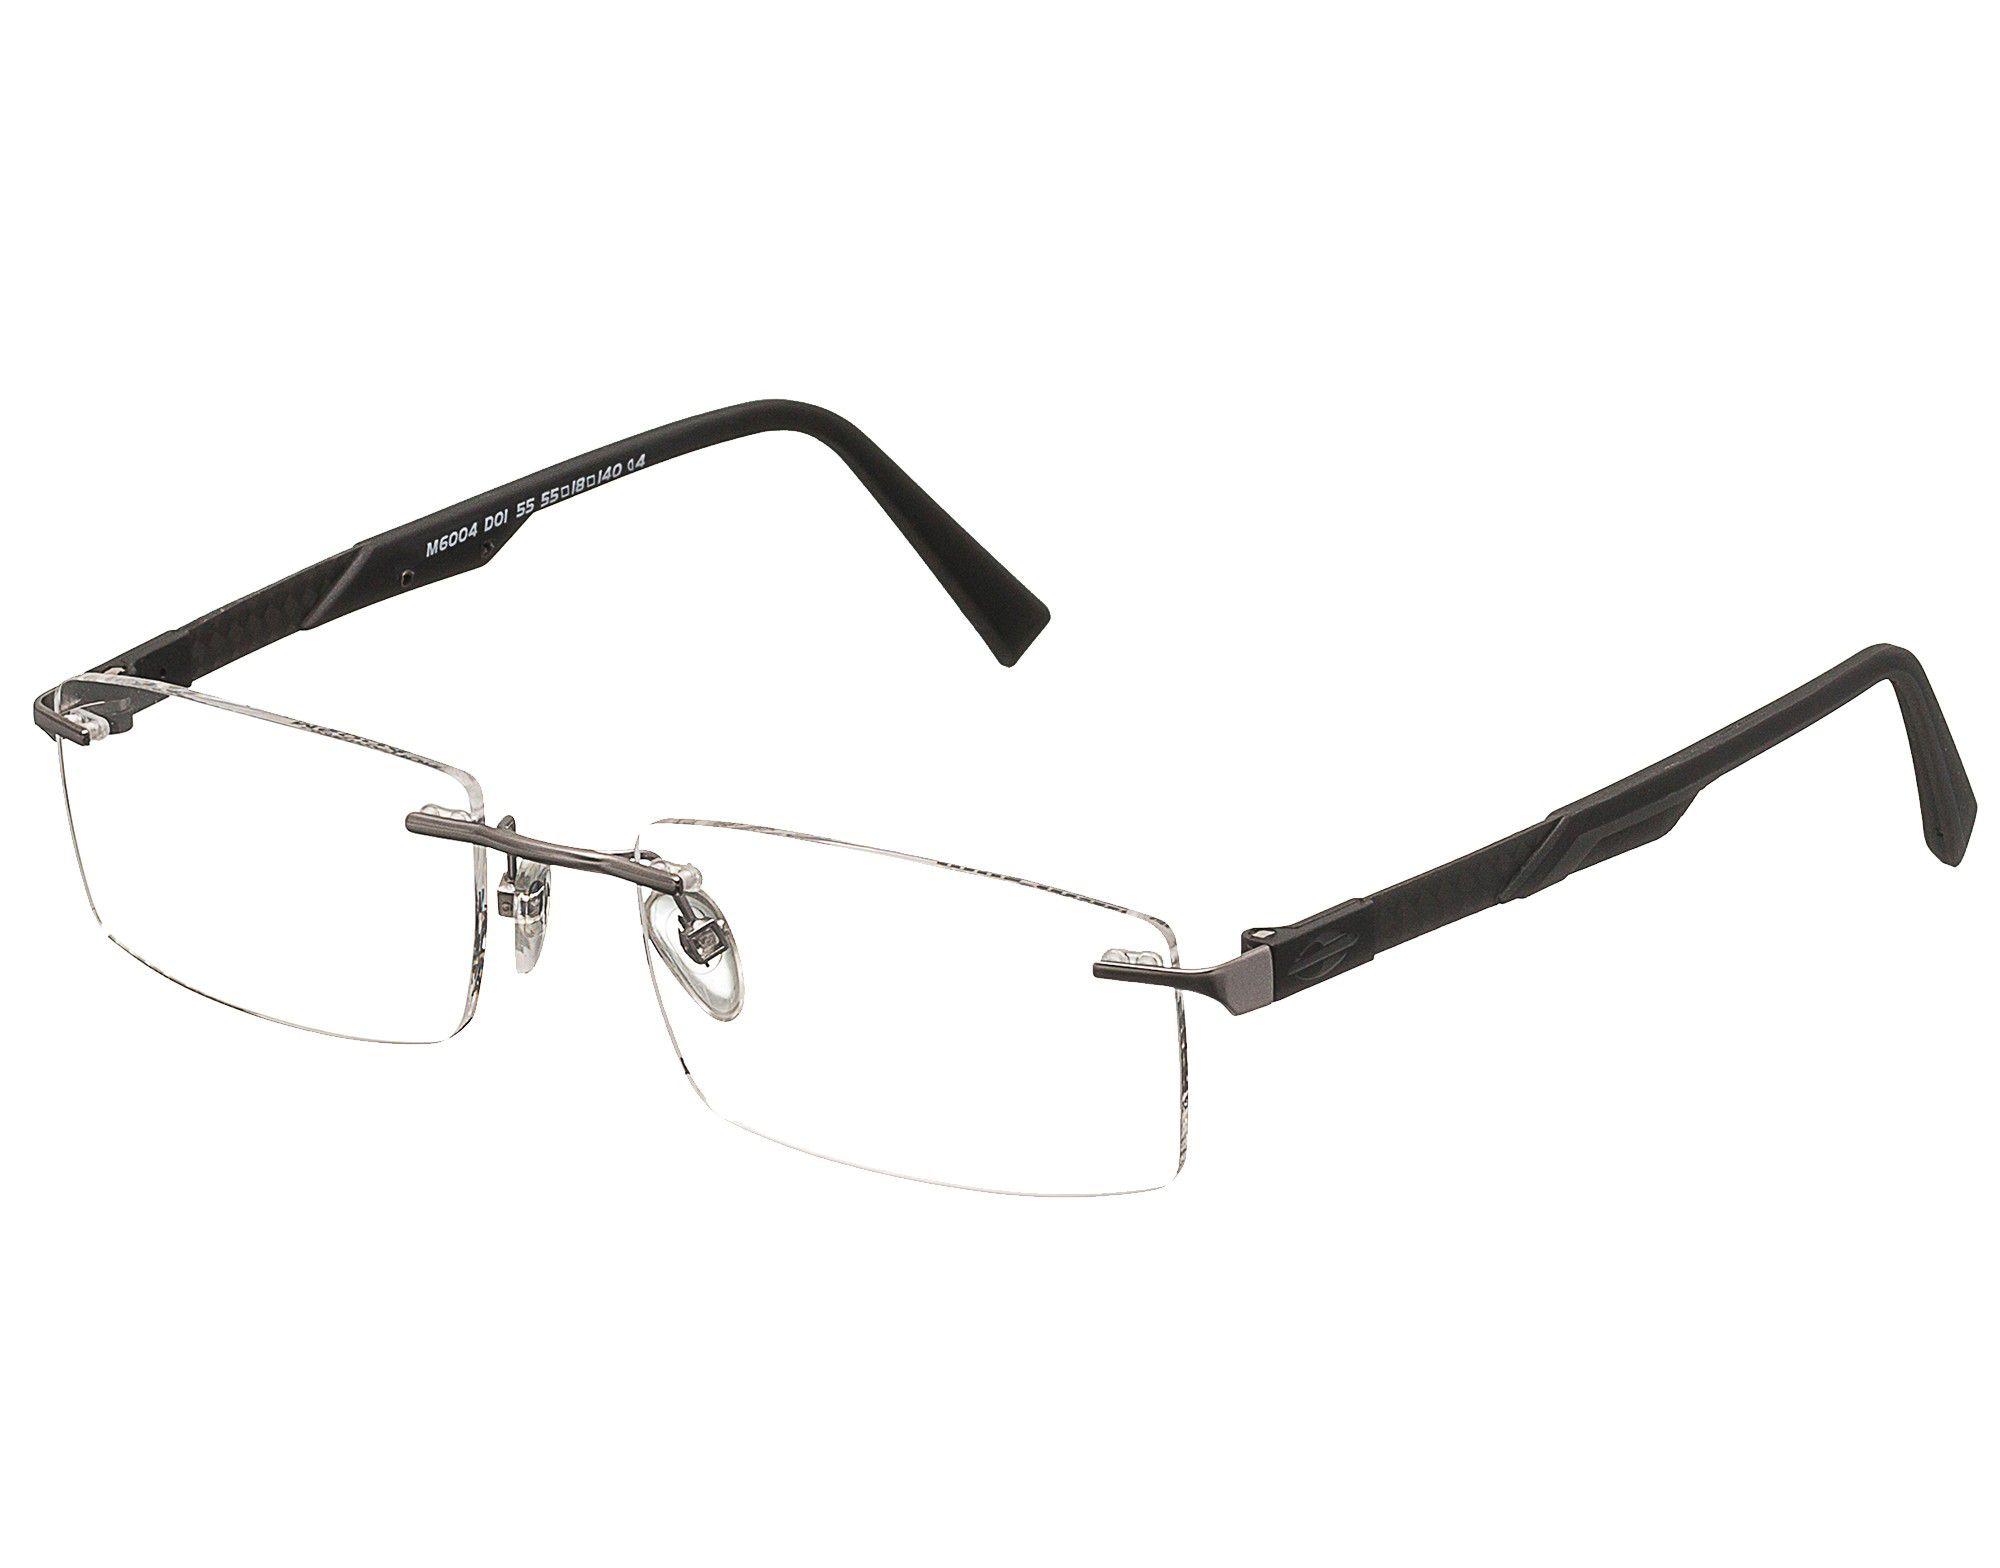 c57430851ce0a Óculos de Grau Mormaii Sem Aro Carbono M6004 D01 Tam ...